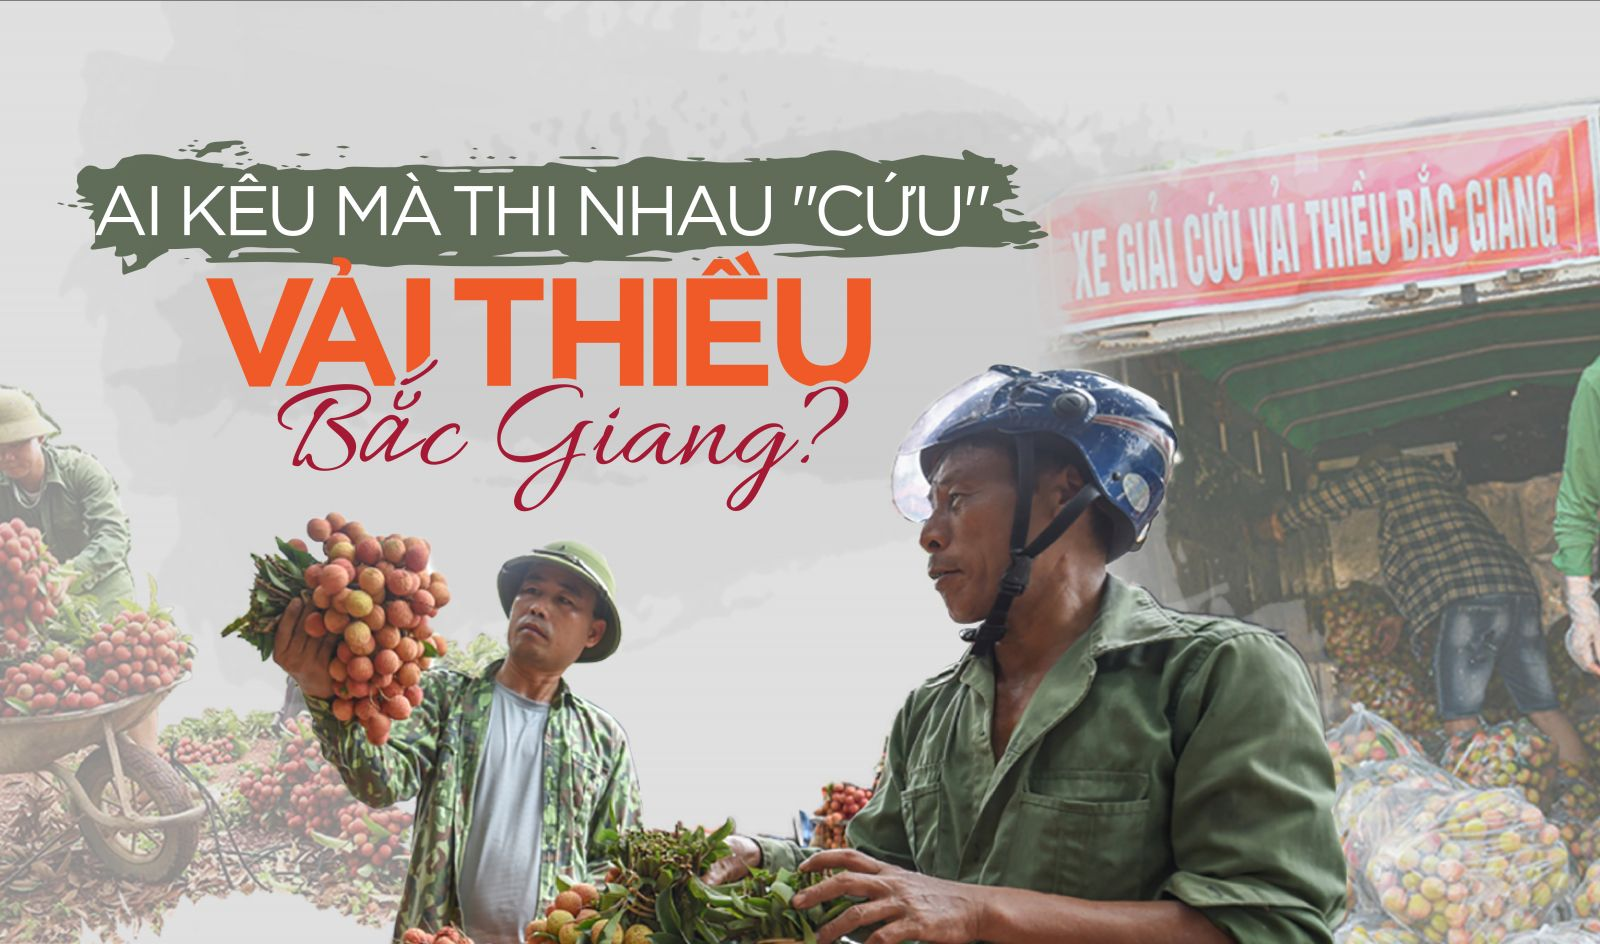 """""""Giải cứu nông sản"""" nhìn từ vải thiều Bắc Giang: Ai kêu mà cứu?"""